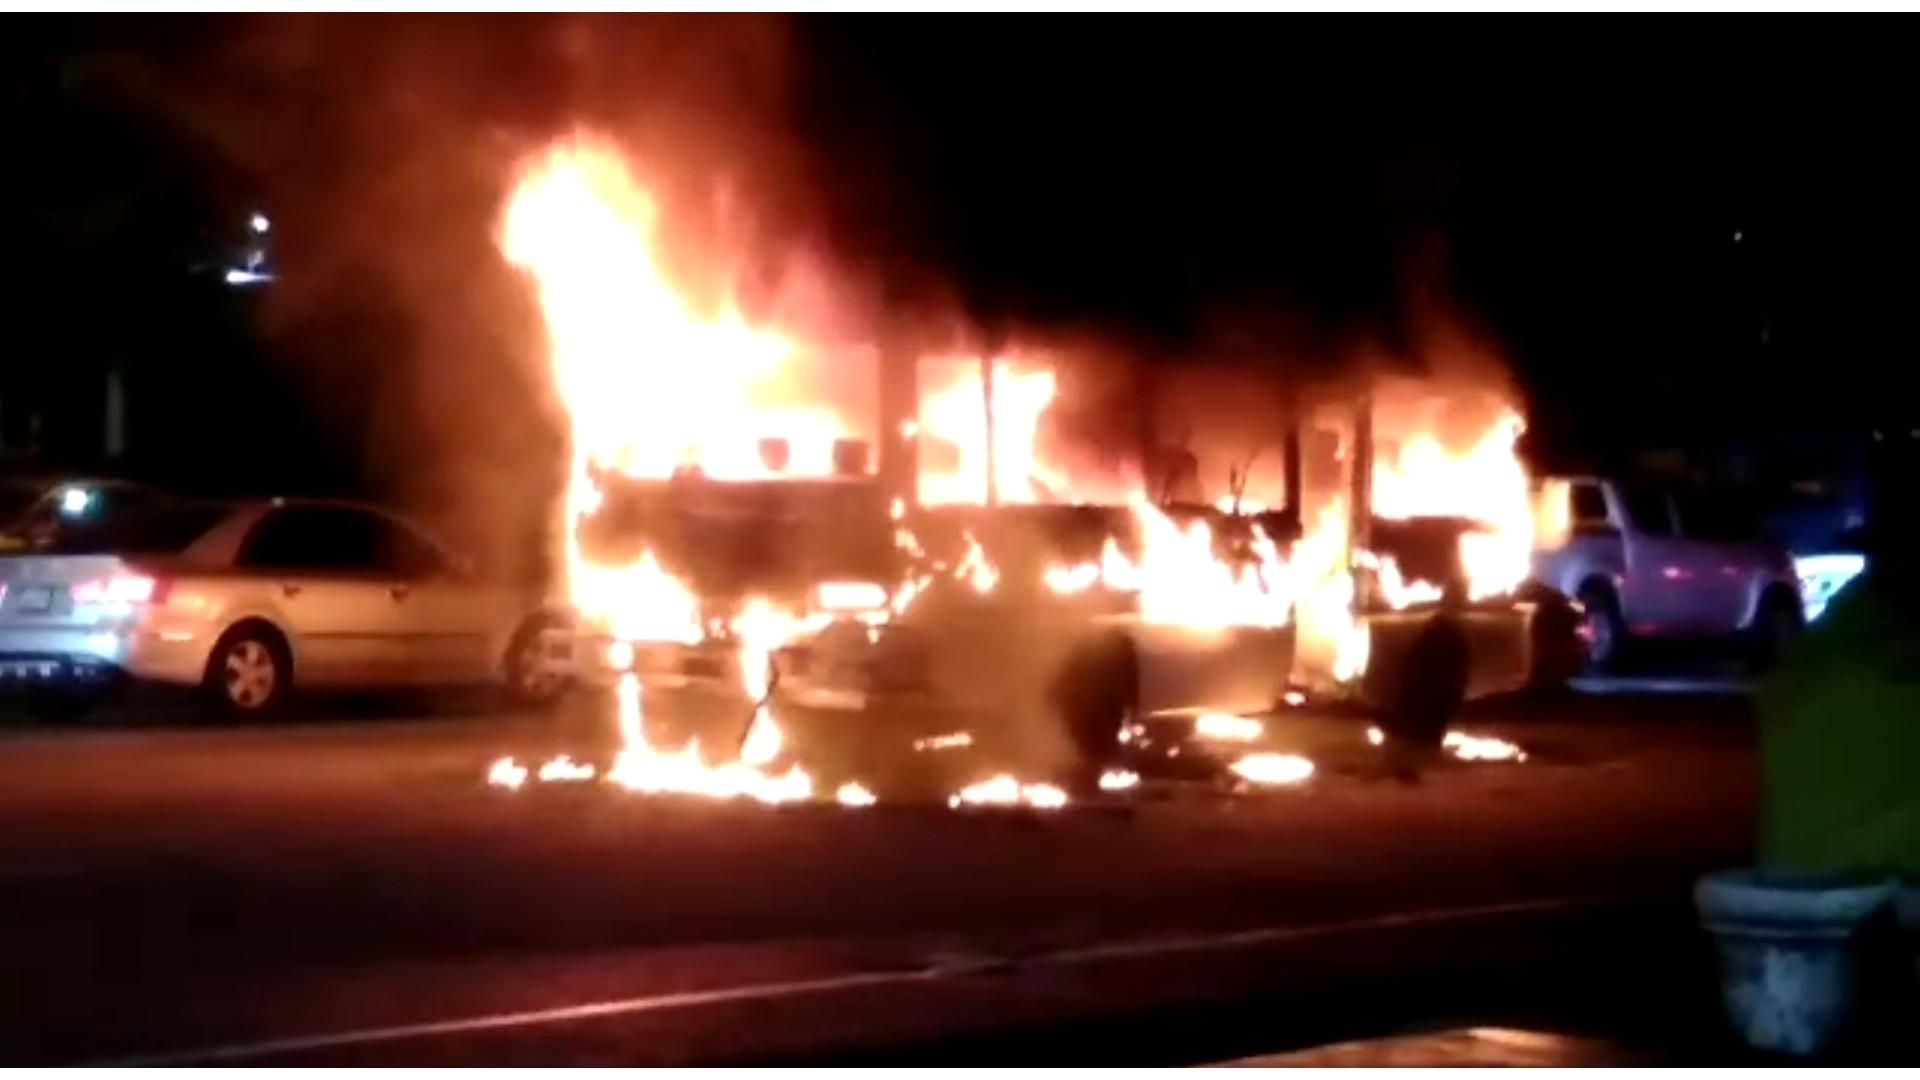 Incendio consume autobús de transporte público en la Luperón con Caonabo